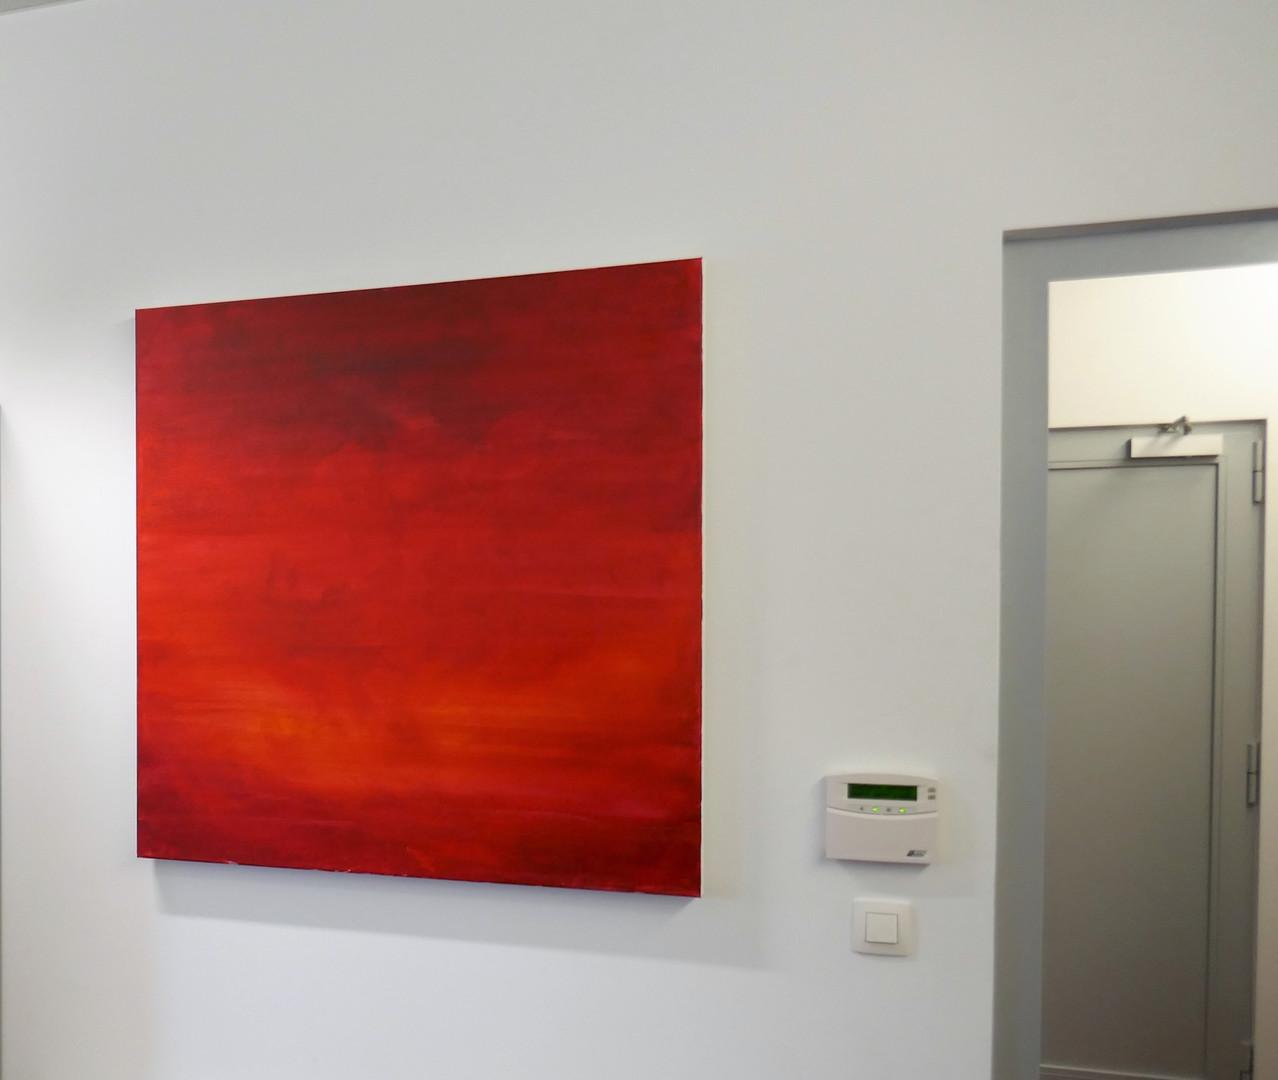 Si Bollé - Untitled - 2020